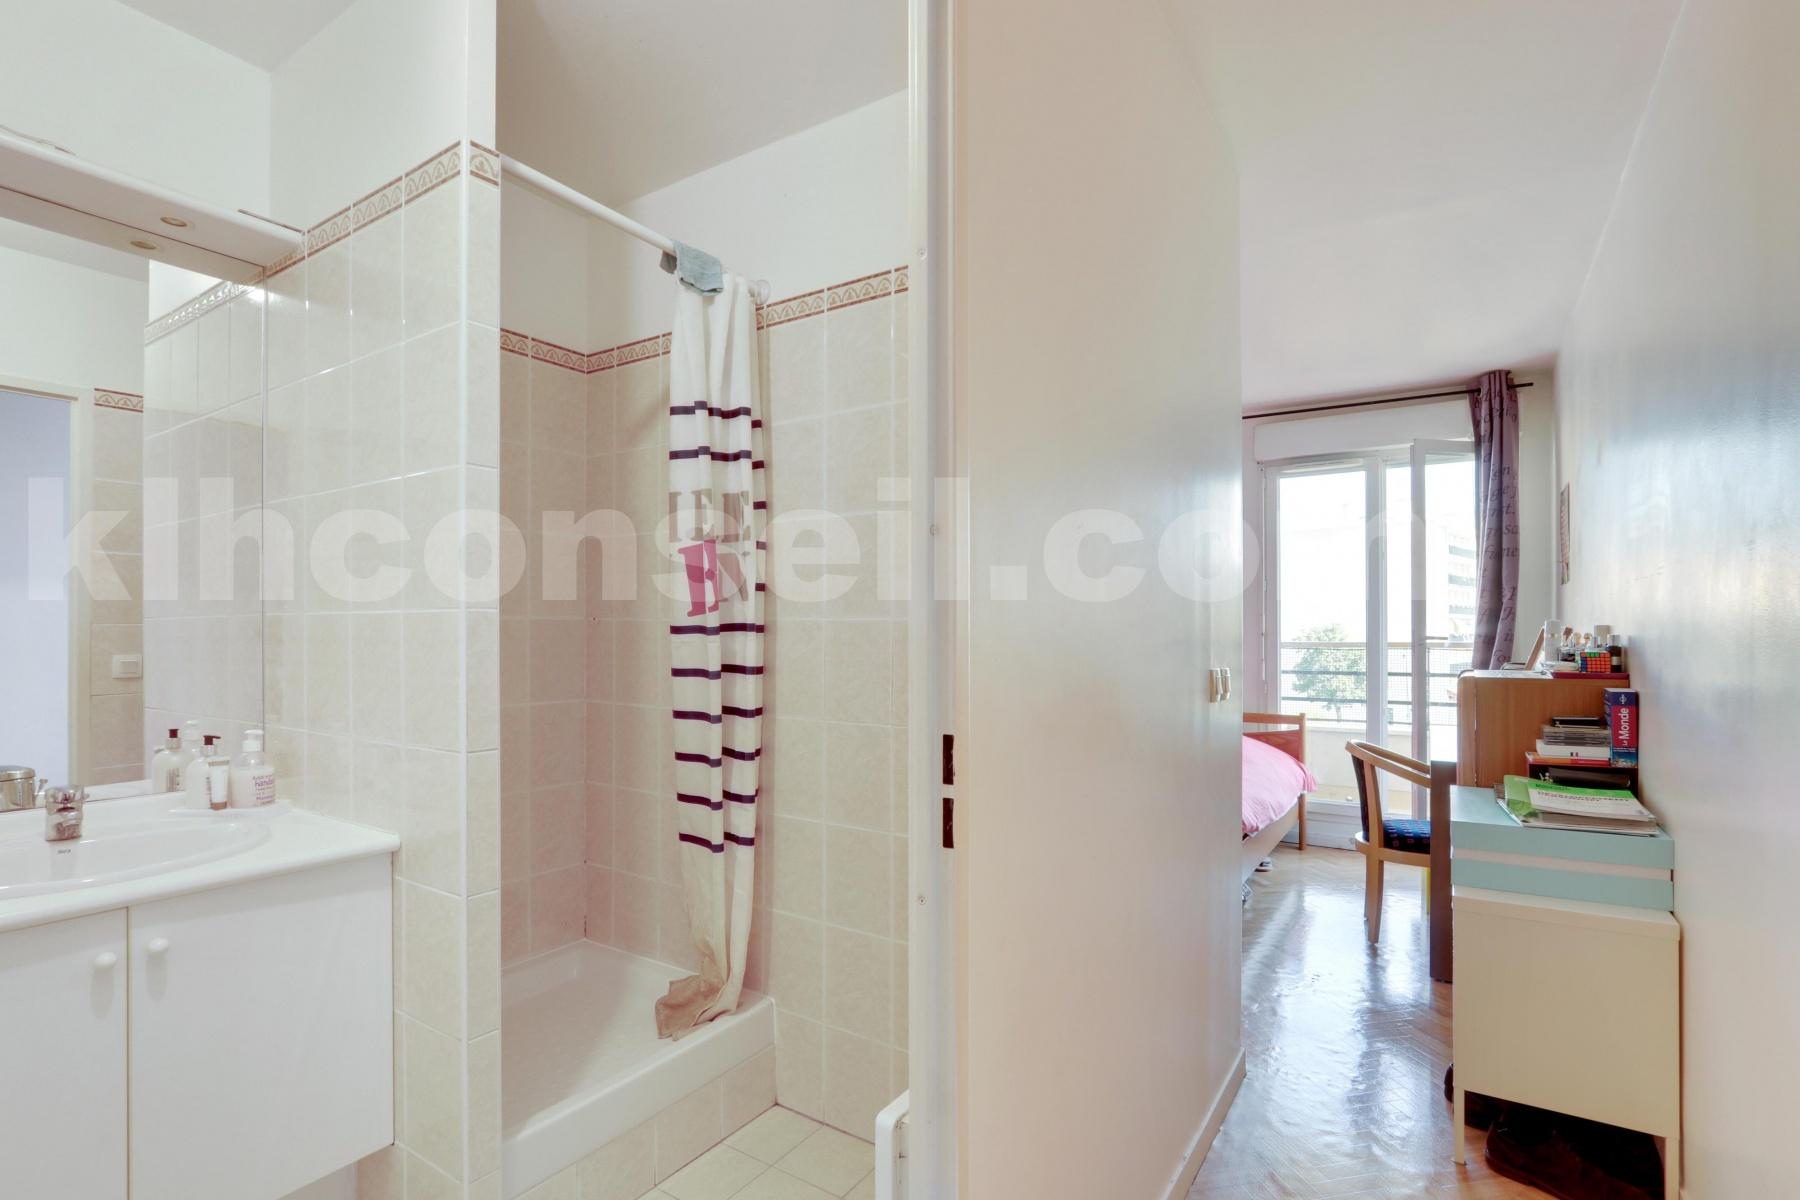 Vente Appartement de 4 pièces 89 m² - COLOMBES 92700 | KLH Conseil -  photo7